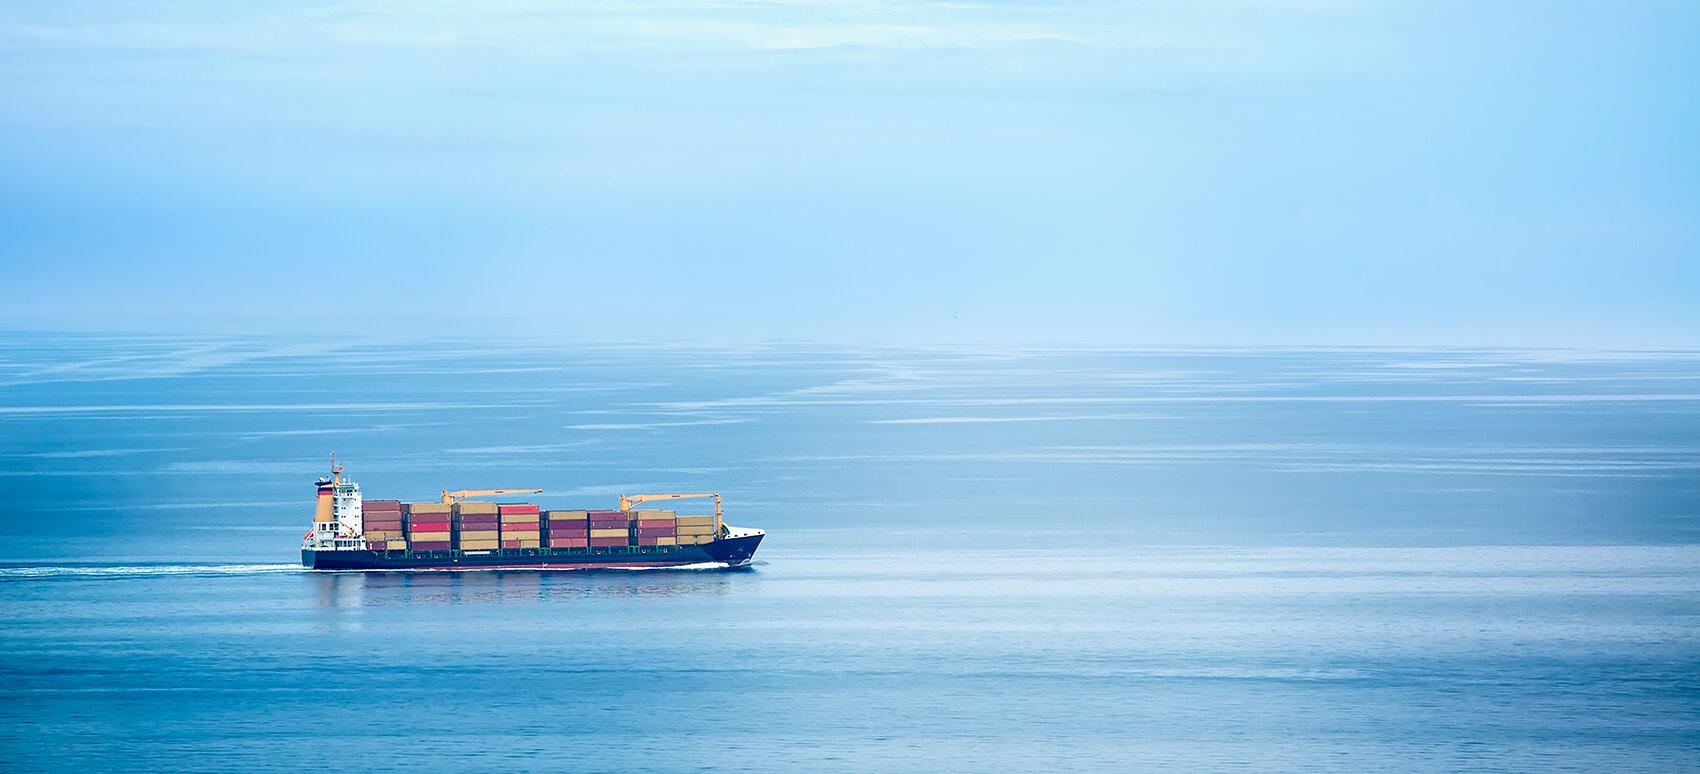 Den internationale maritime organisation (IMO) har besluttet at implementere ny brændstofregulering på skibsfart.